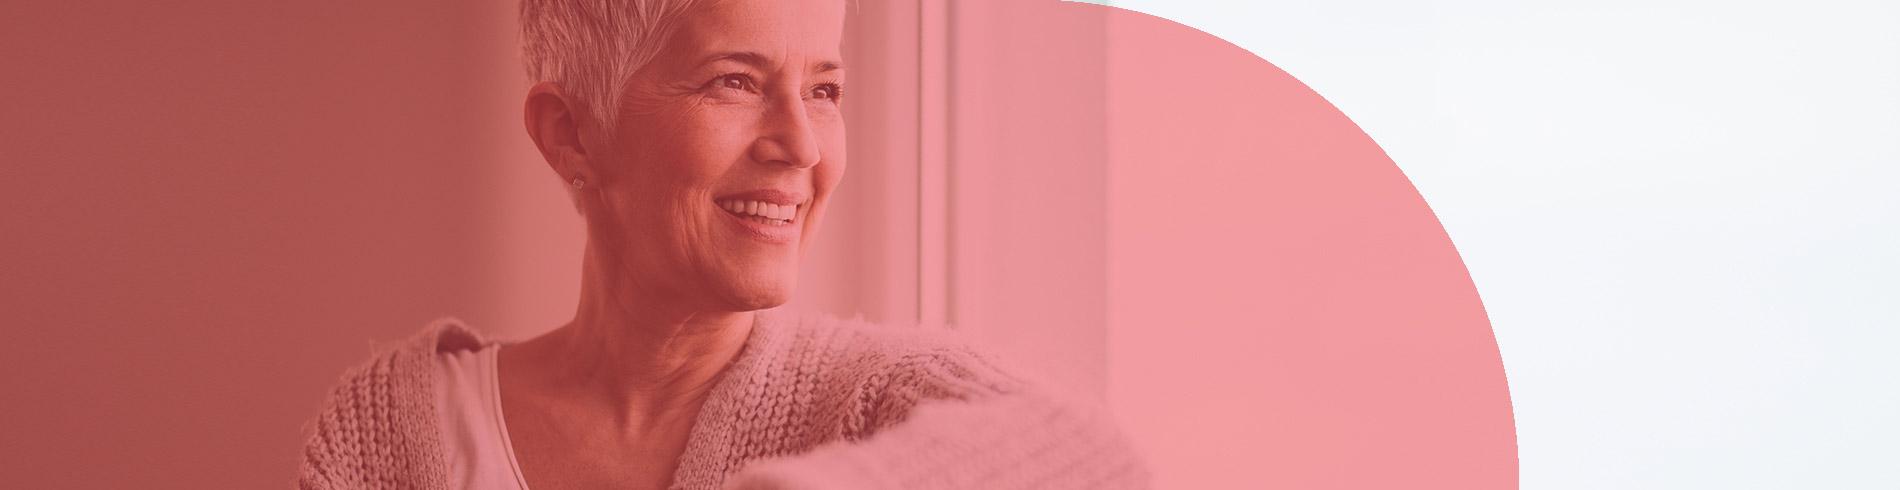 Assegurança mèdica per a la gent gran